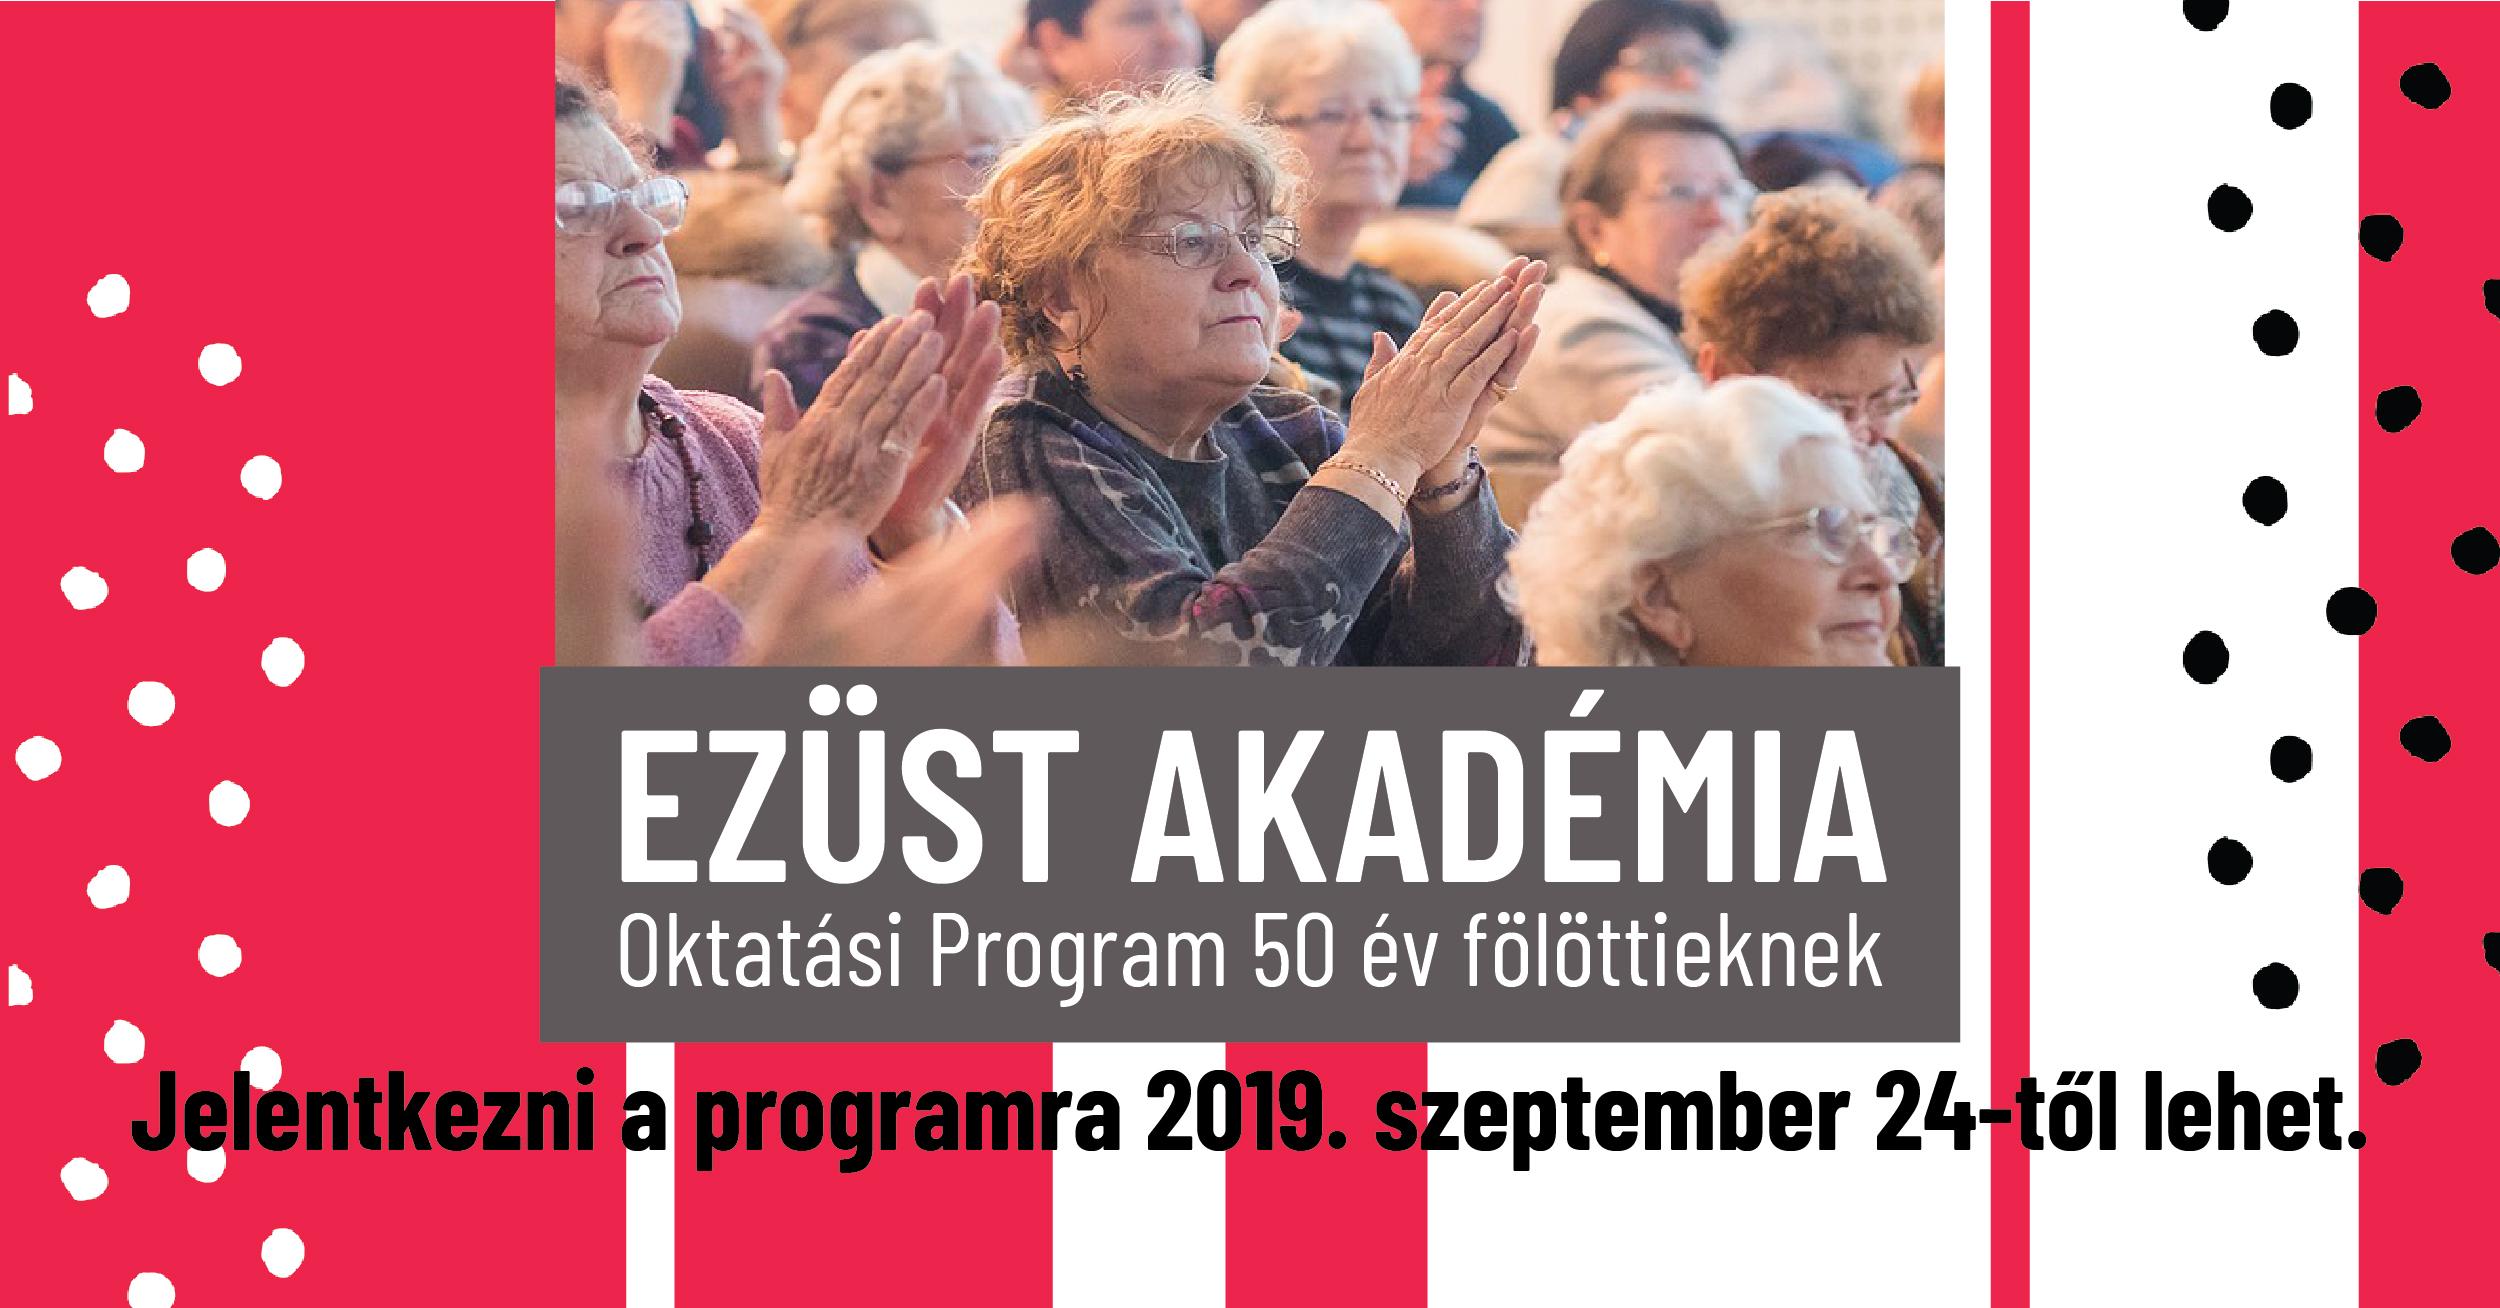 Az Ezüst Akadémia Oktatási Program új tanévet indít